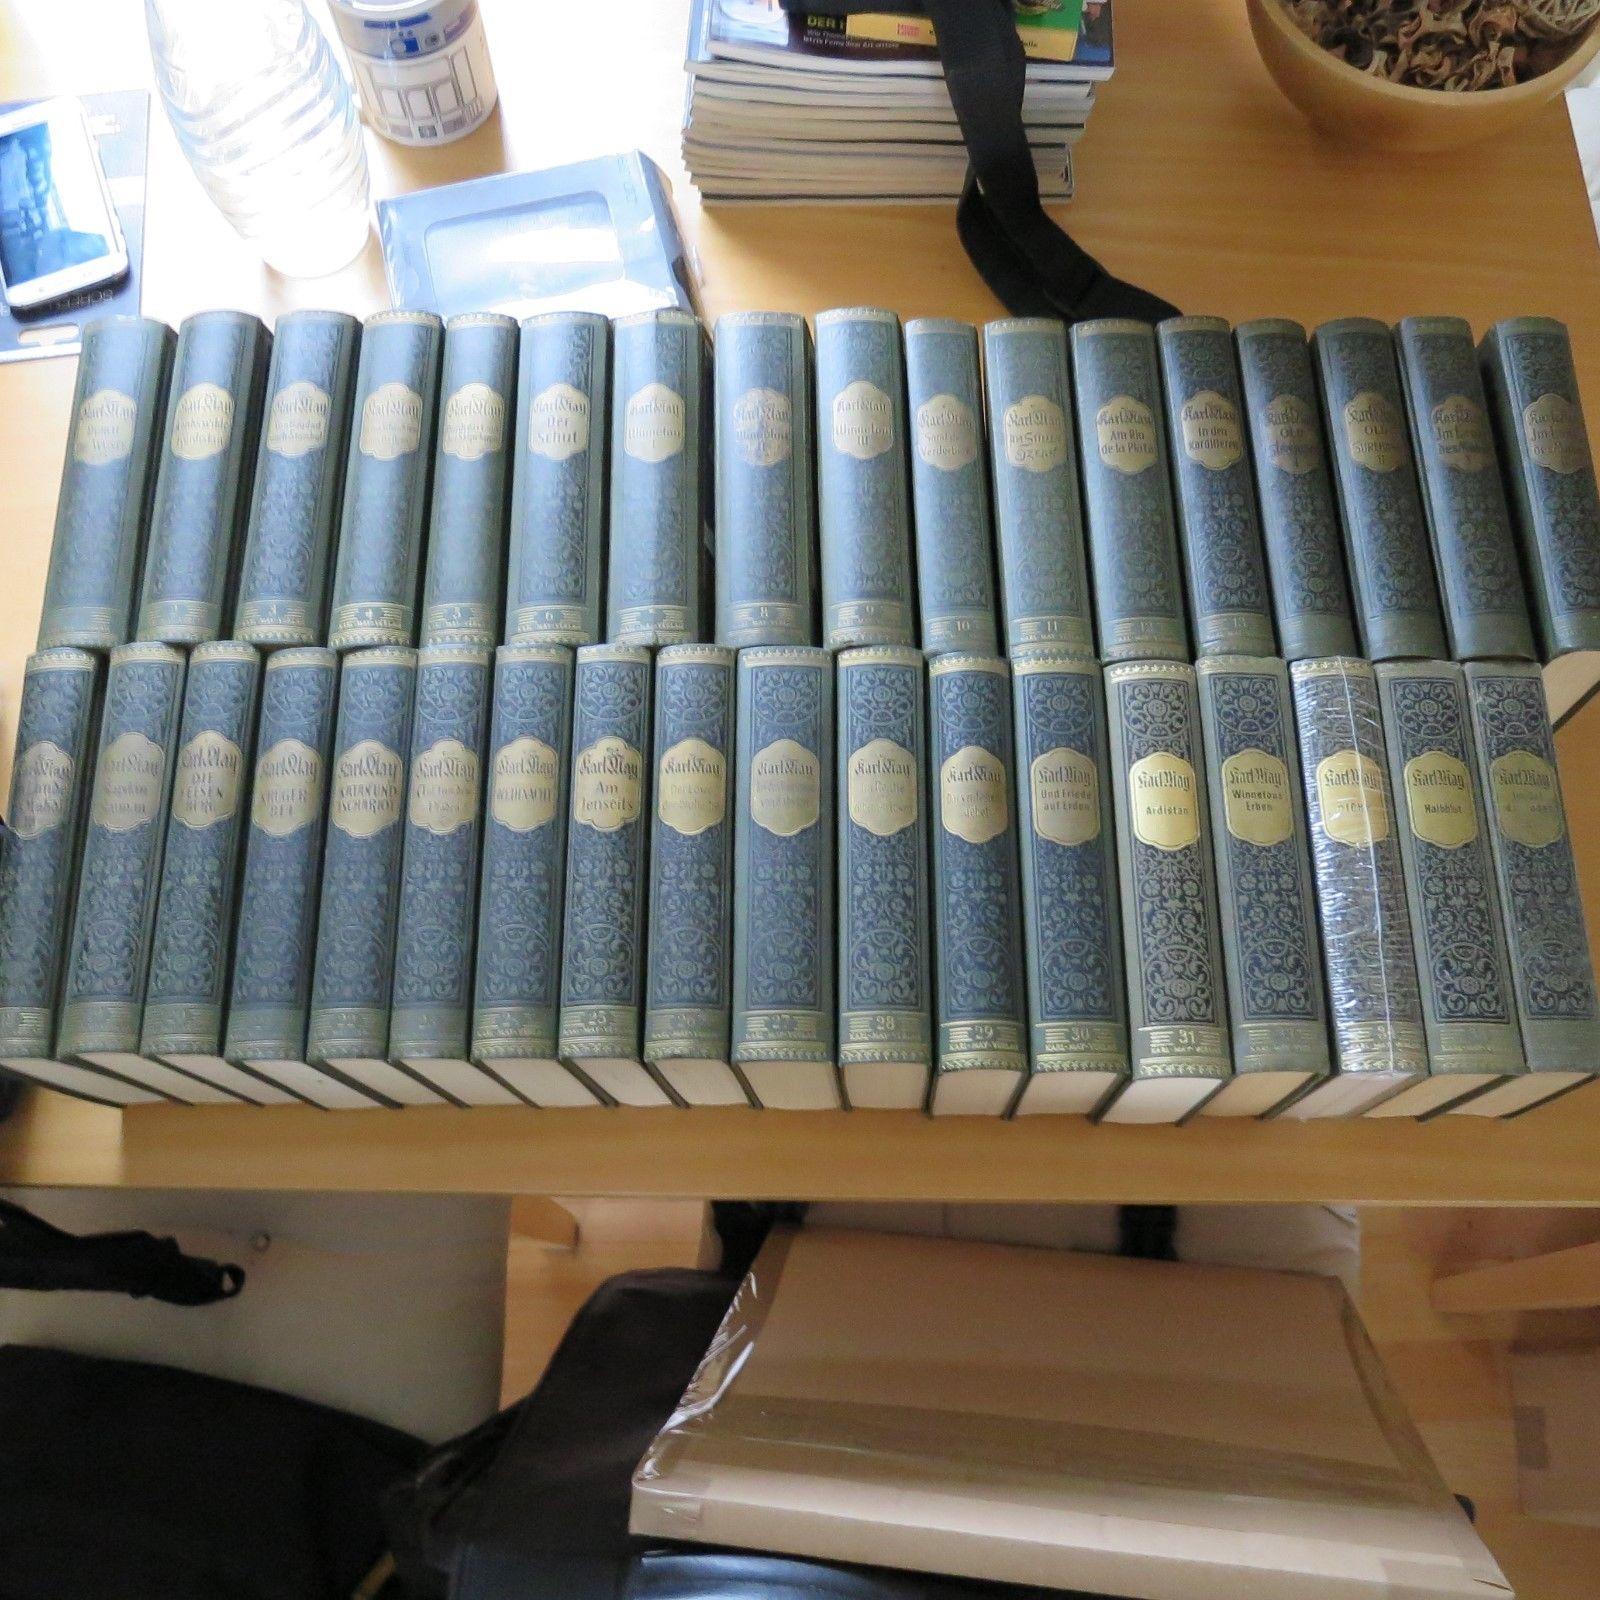 KARL MAY SAMMLUNG BAND 1-31+4 WEITERE KARL MAY VERLAG BAMBERG